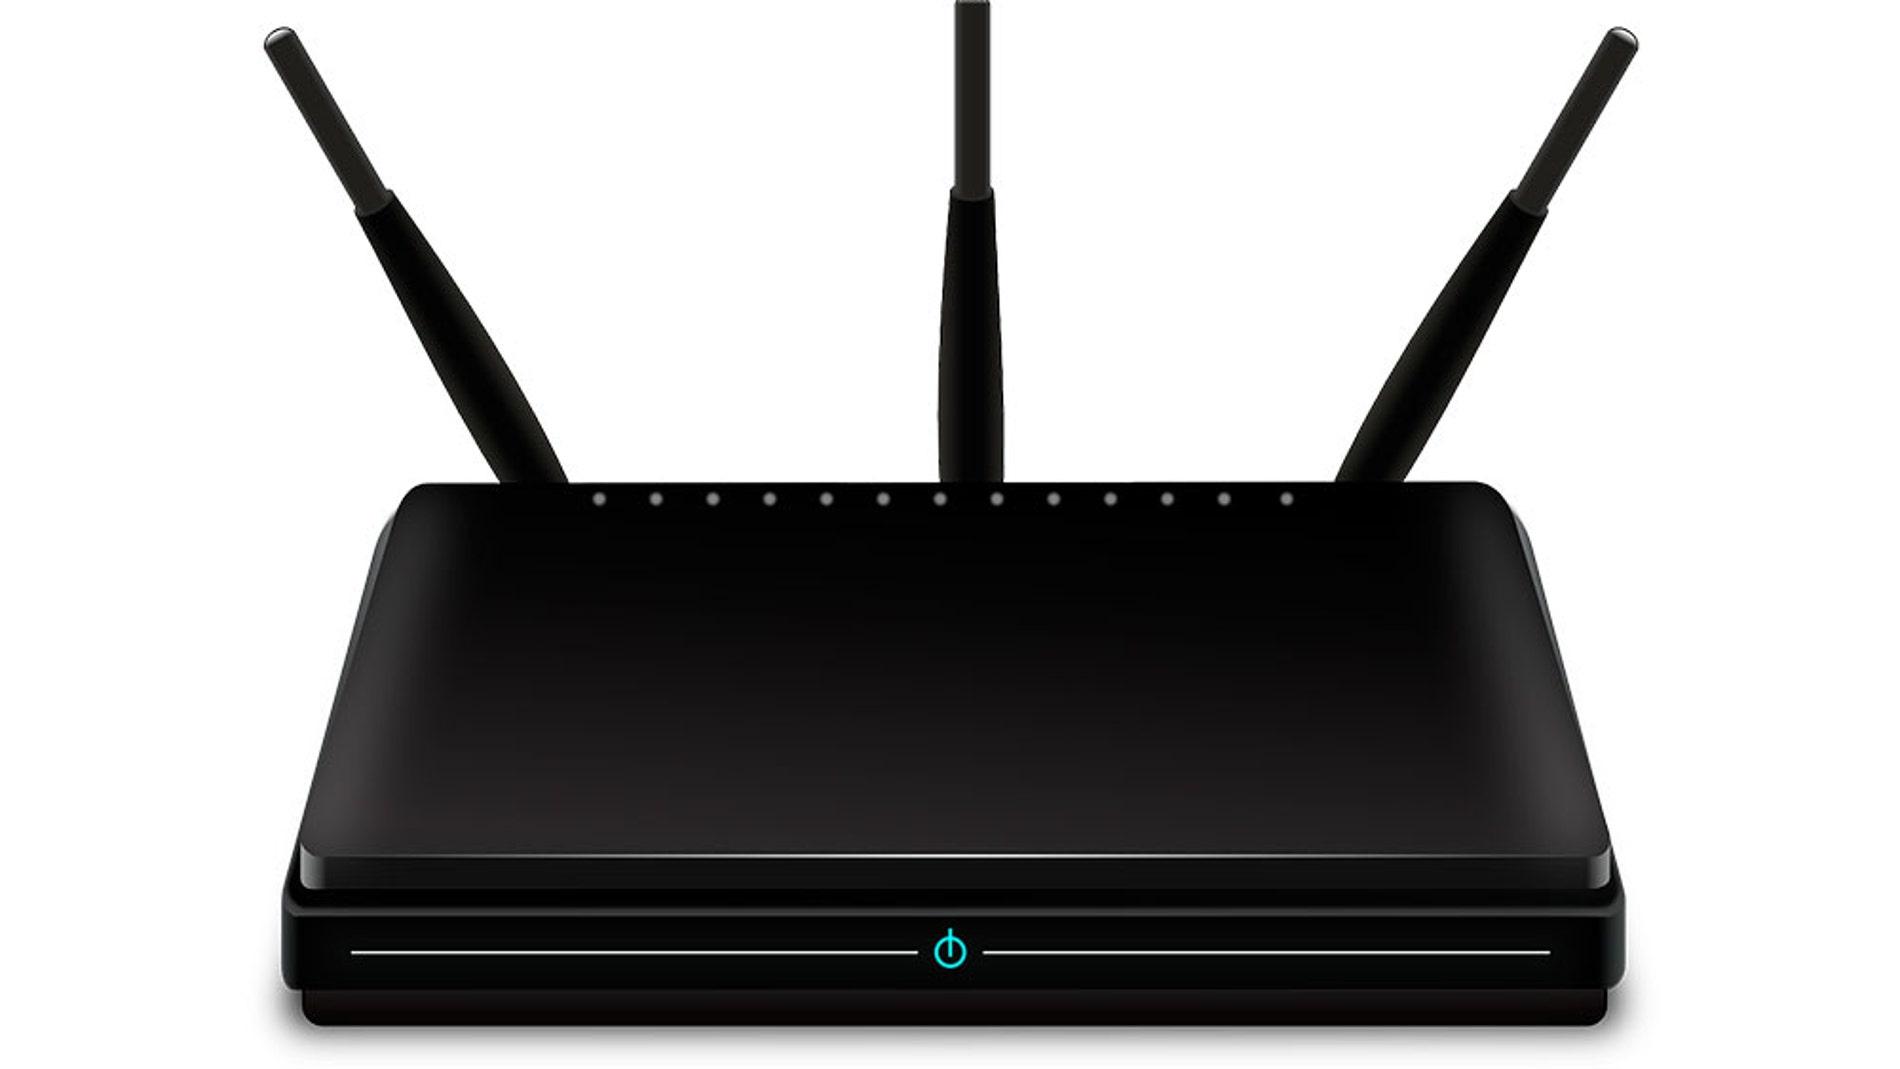 El router, siempre lo más aislado posible